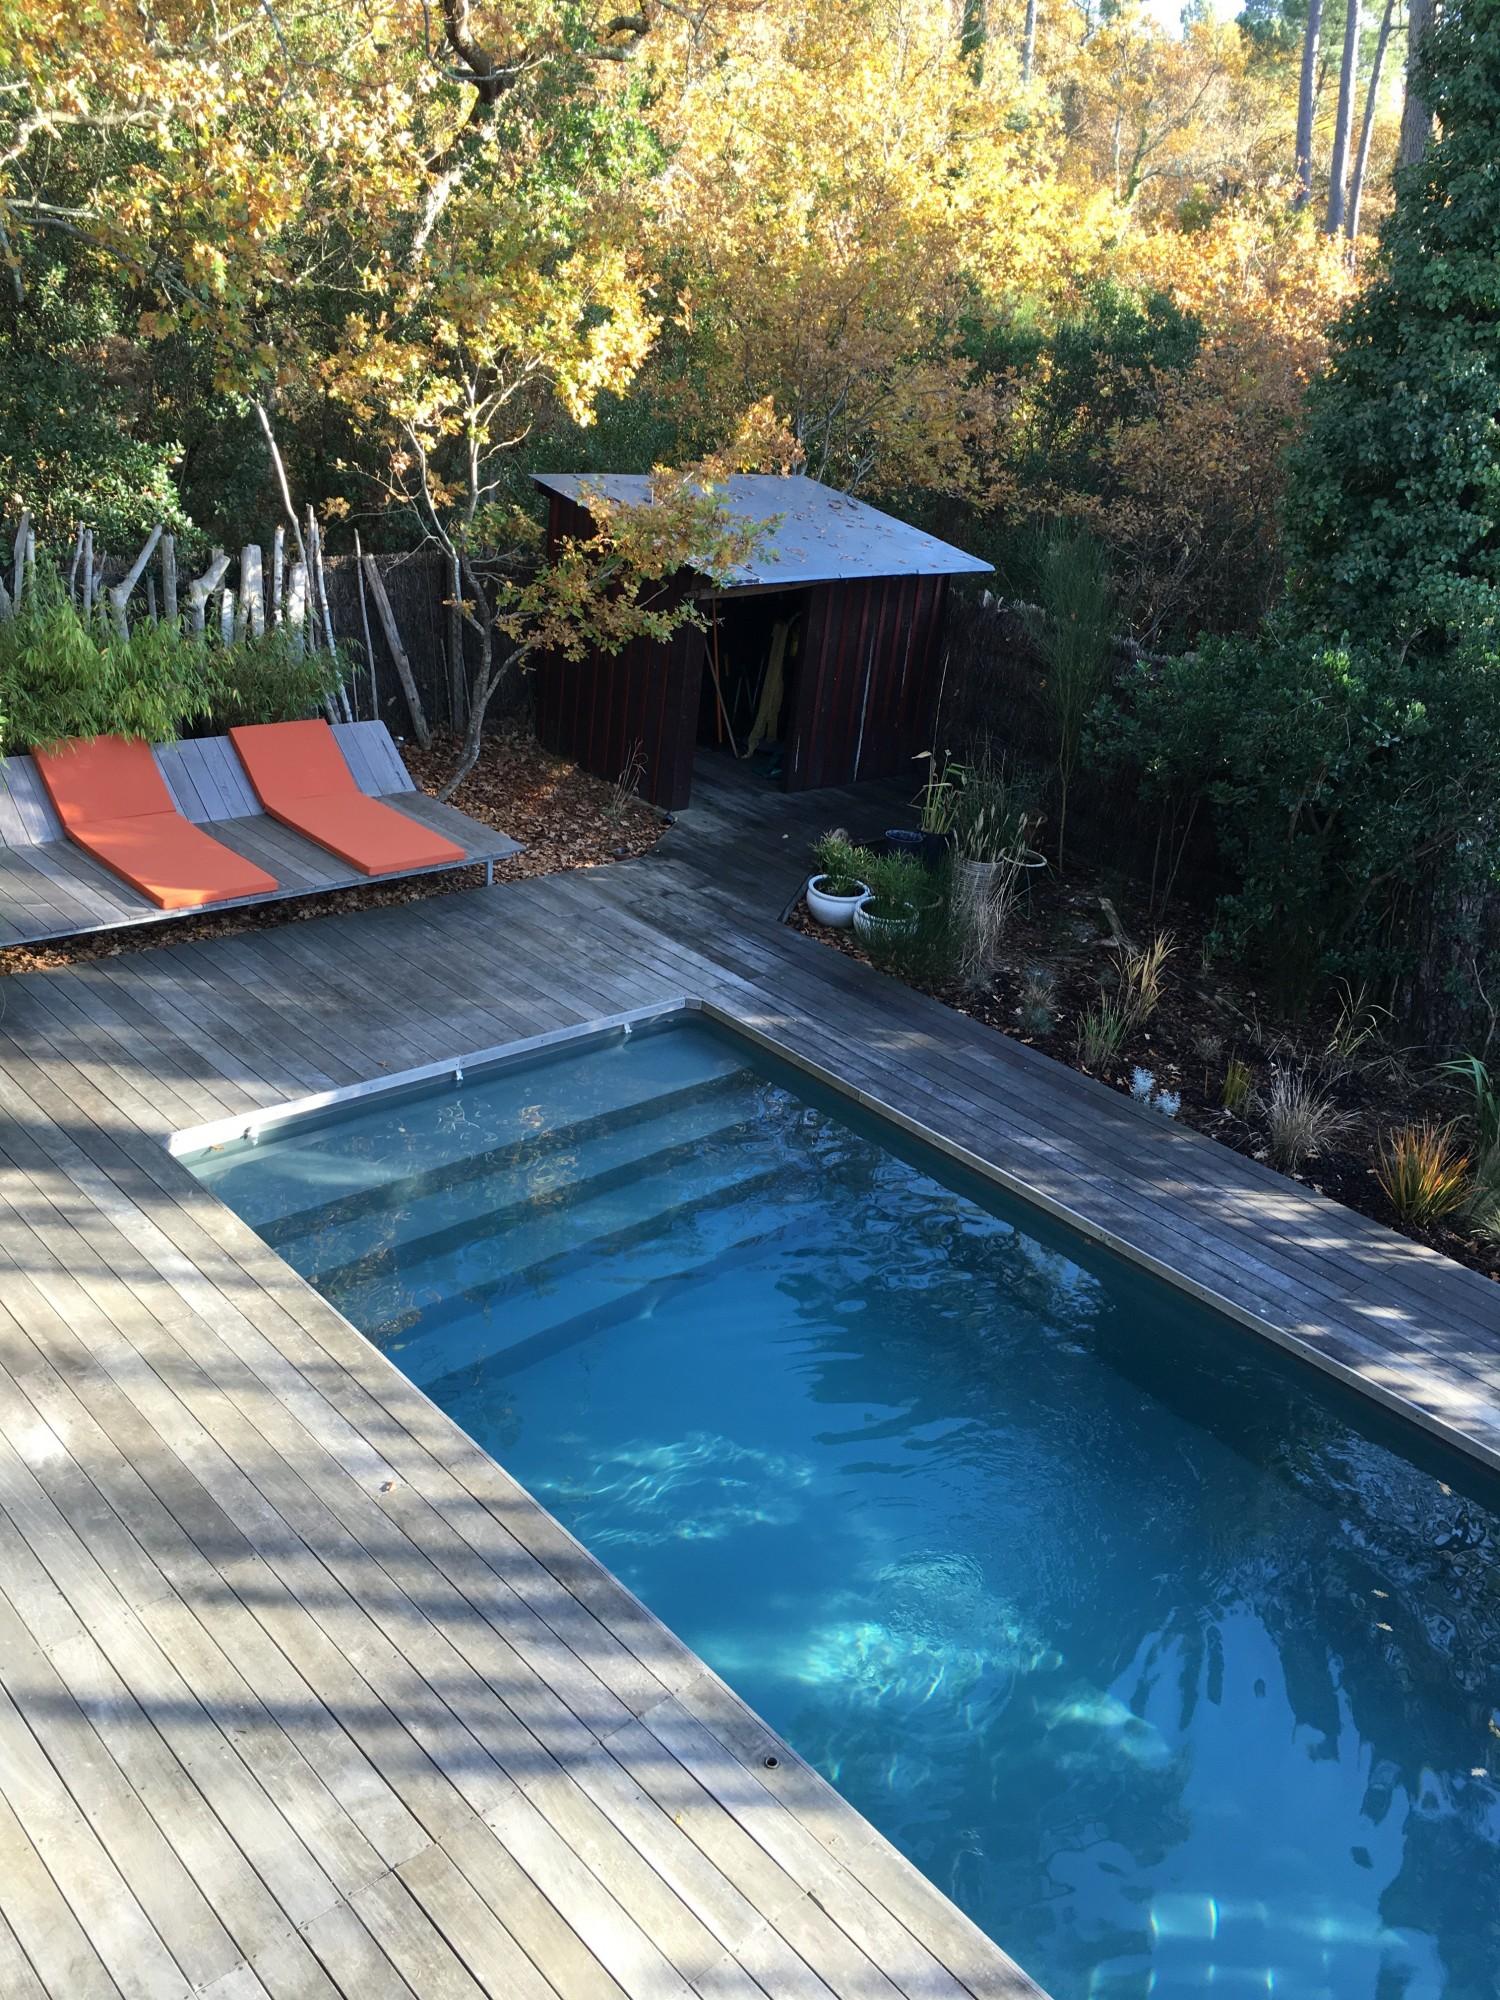 Achat pyla sur mer villa en bois avec piscine barnes for Achat bassin